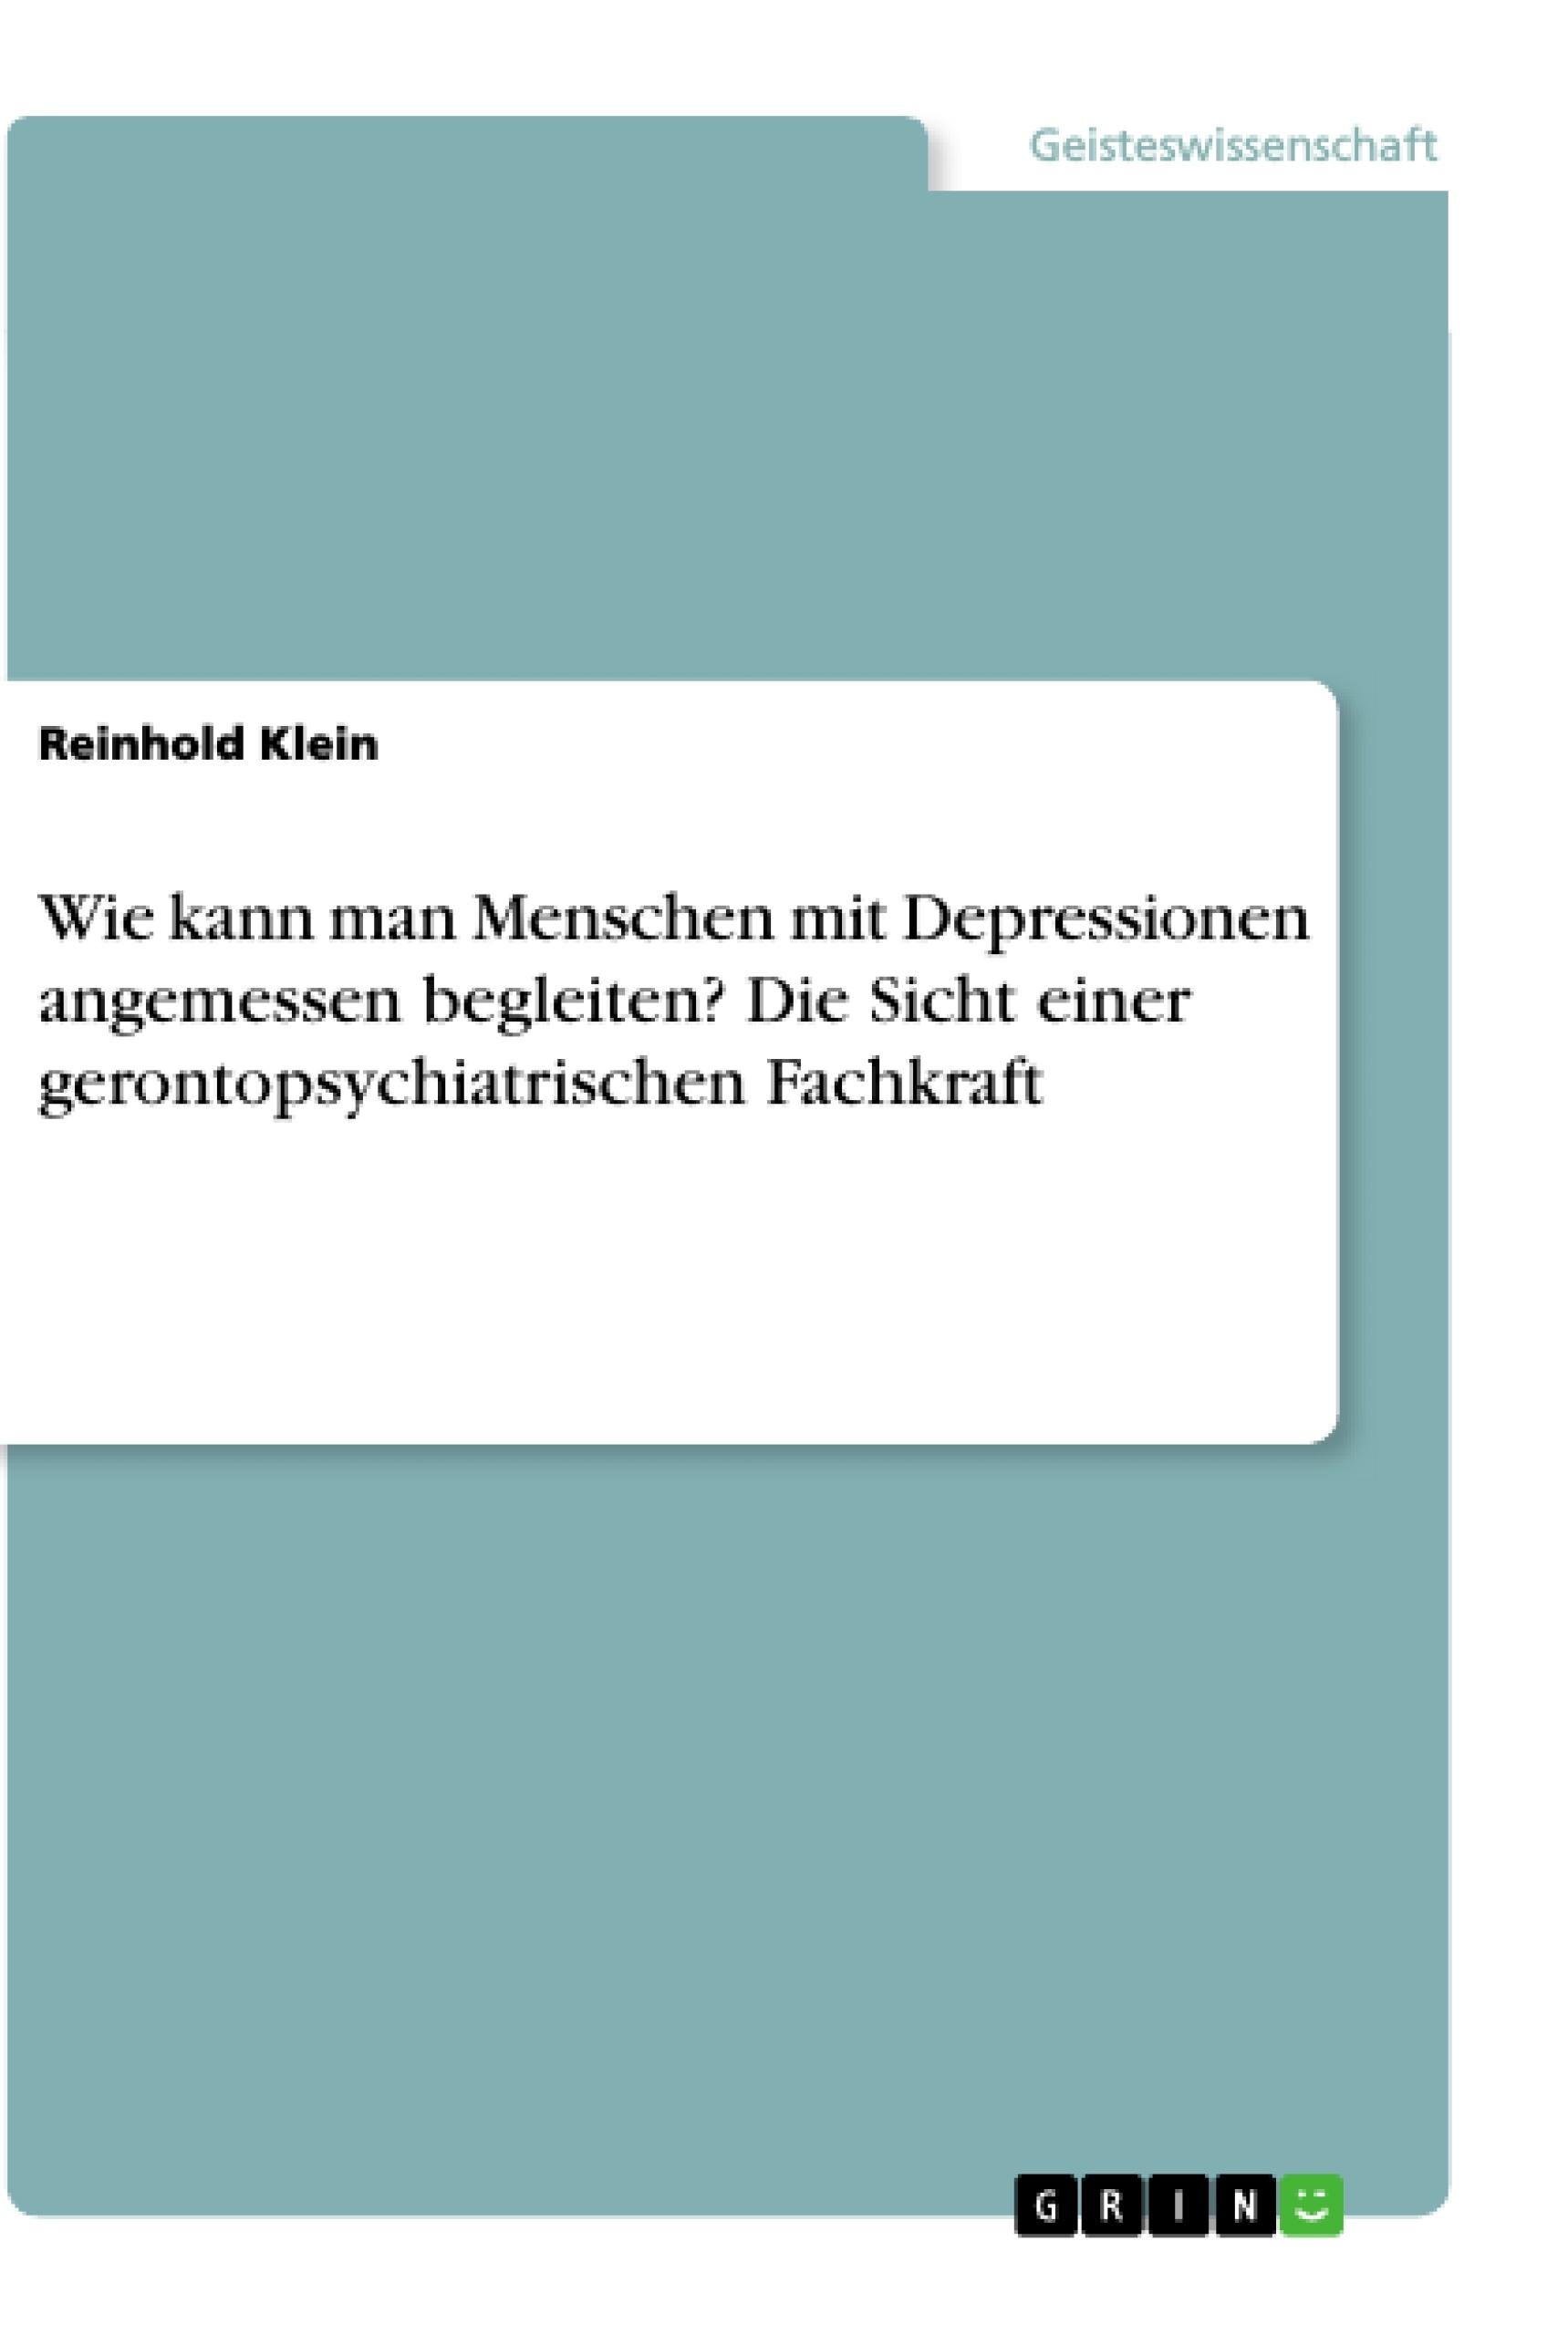 Titel: Wie kann man Menschen mit Depressionen angemessen begleiten? Die Sicht einer gerontopsychiatrischen Fachkraft